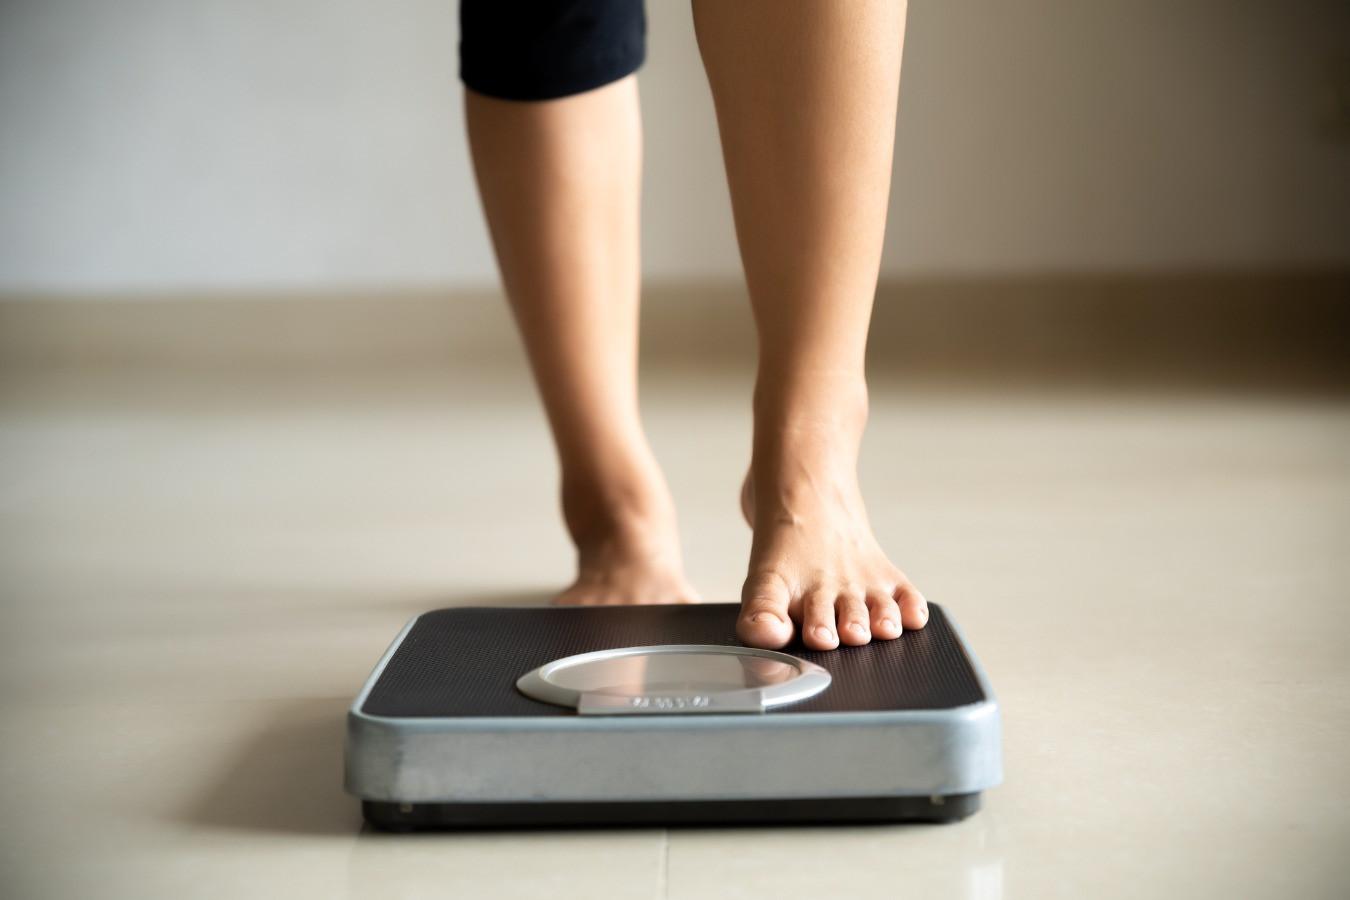 Сколько должен весить здоровый человек – параметры роста, возраста, соотношение жира - Чемпионат